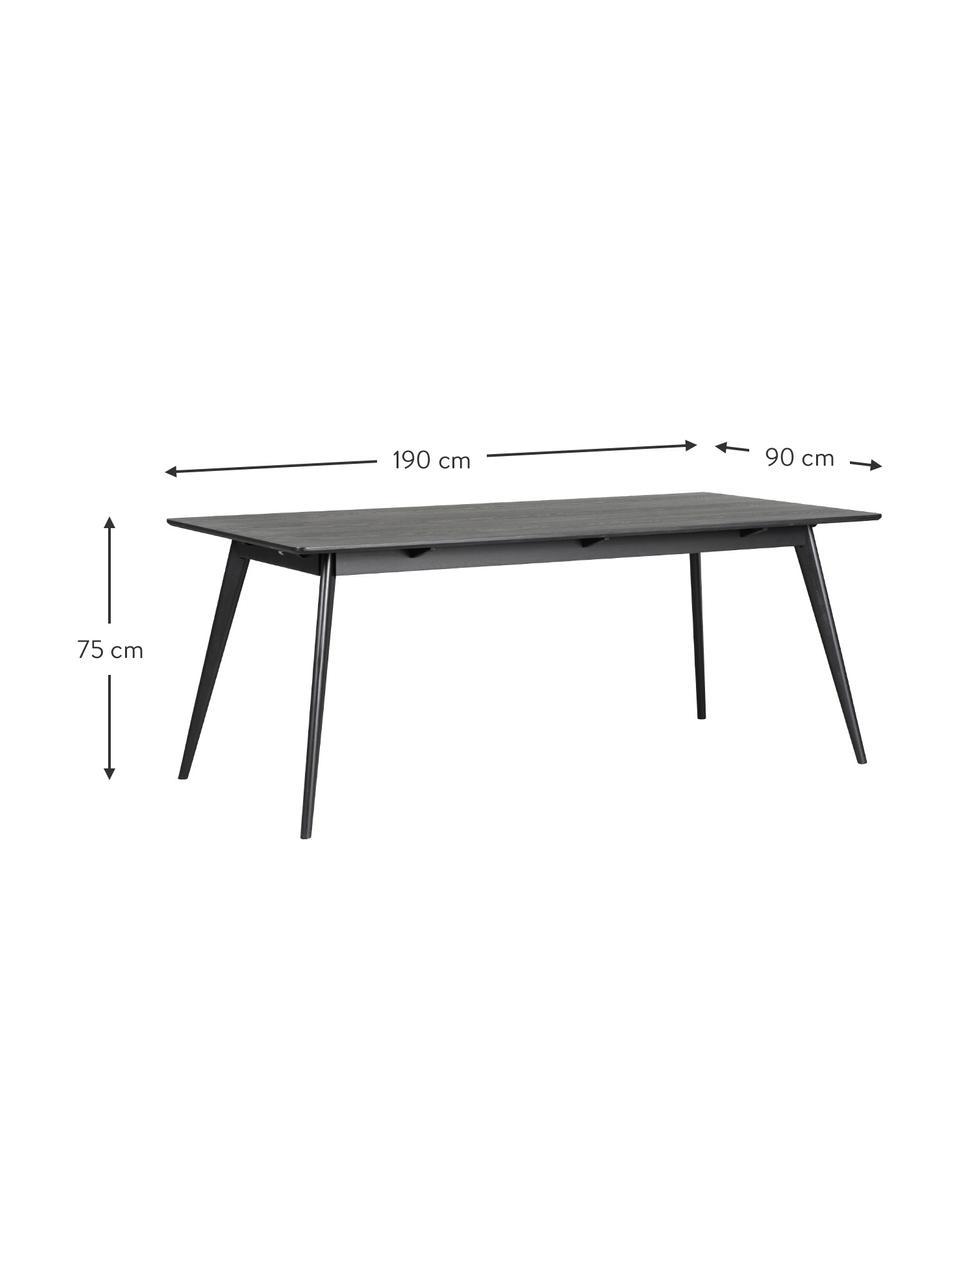 Stół do jadalni z drewna Yumi, Blat: płyta pilśniowa średniej , Nogi: drewno kauczukowe, lite, , Czarny, matowy, S 190 x G 90 cm